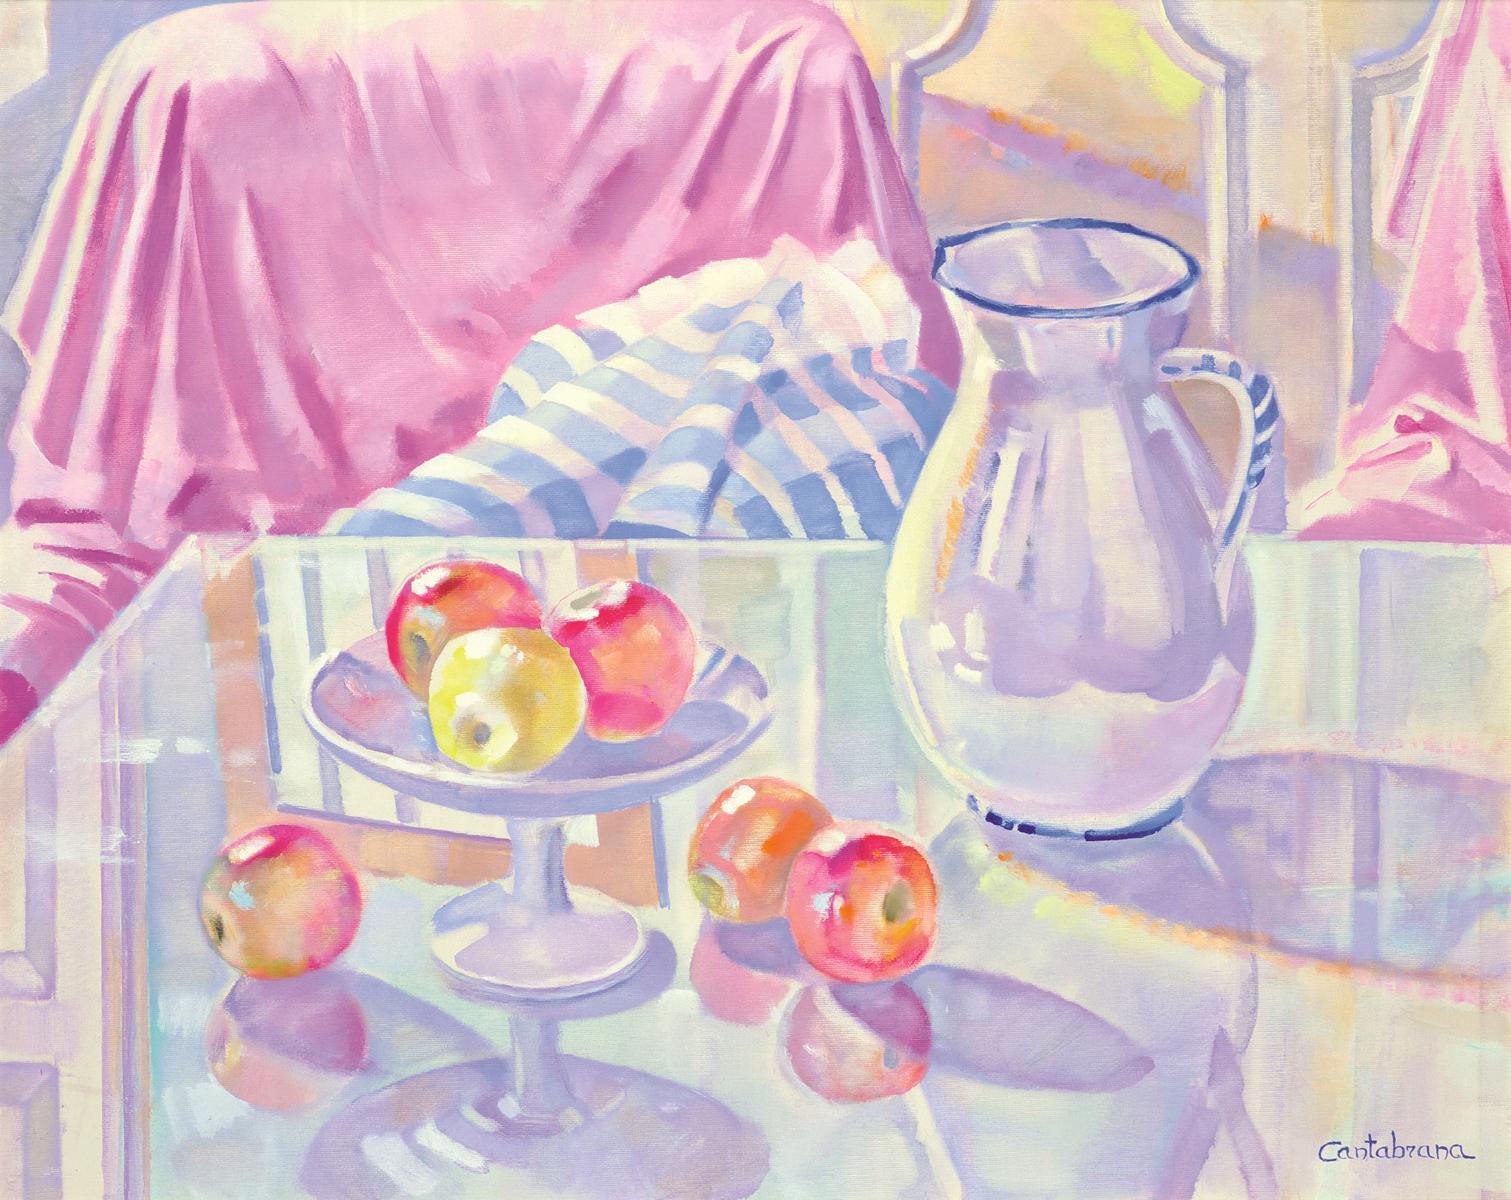 Composicion-con-manzanas-oleo-sobre-lienzo-65x81-cm